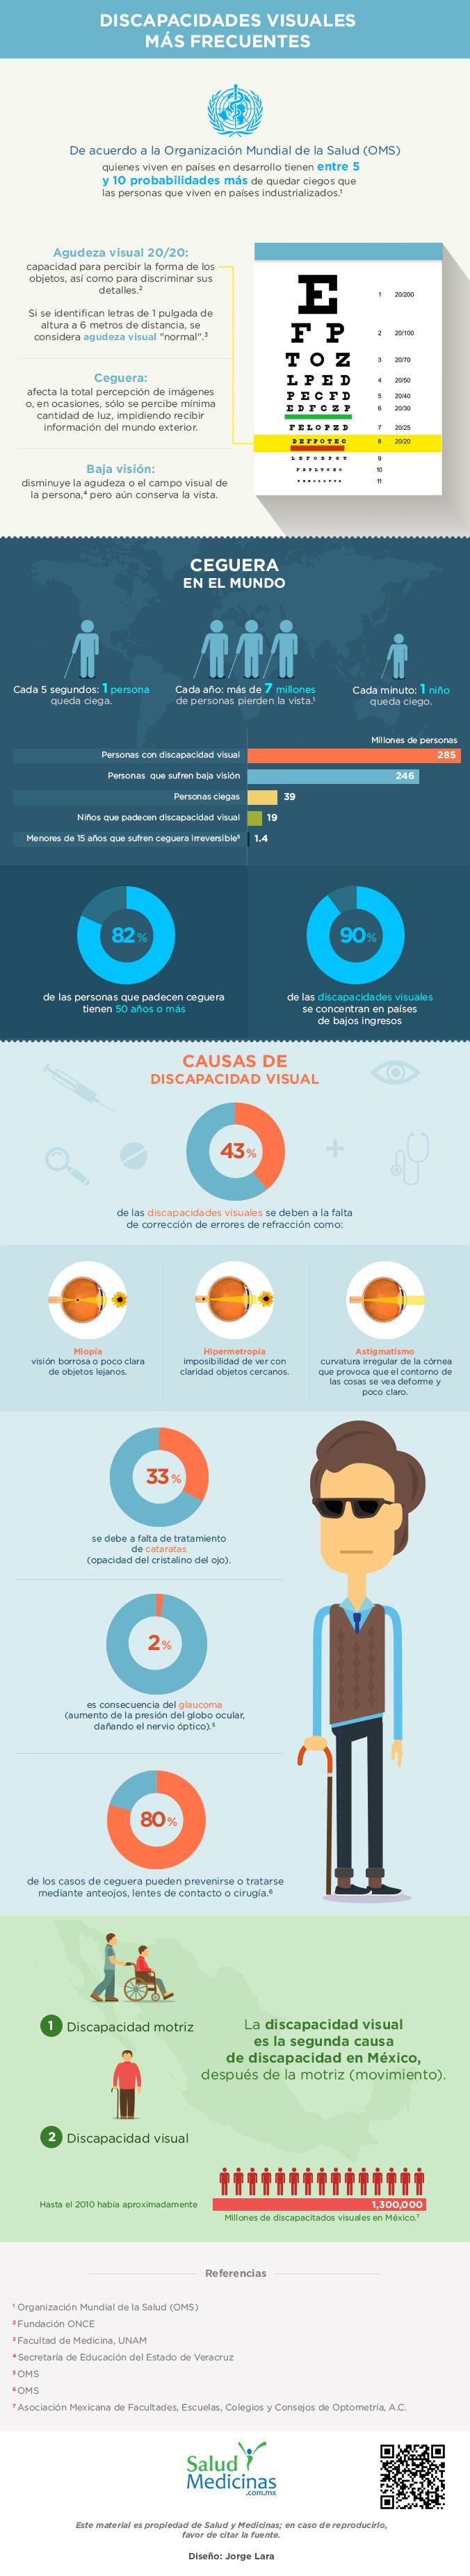 Discapacidades visuales más frecuentes